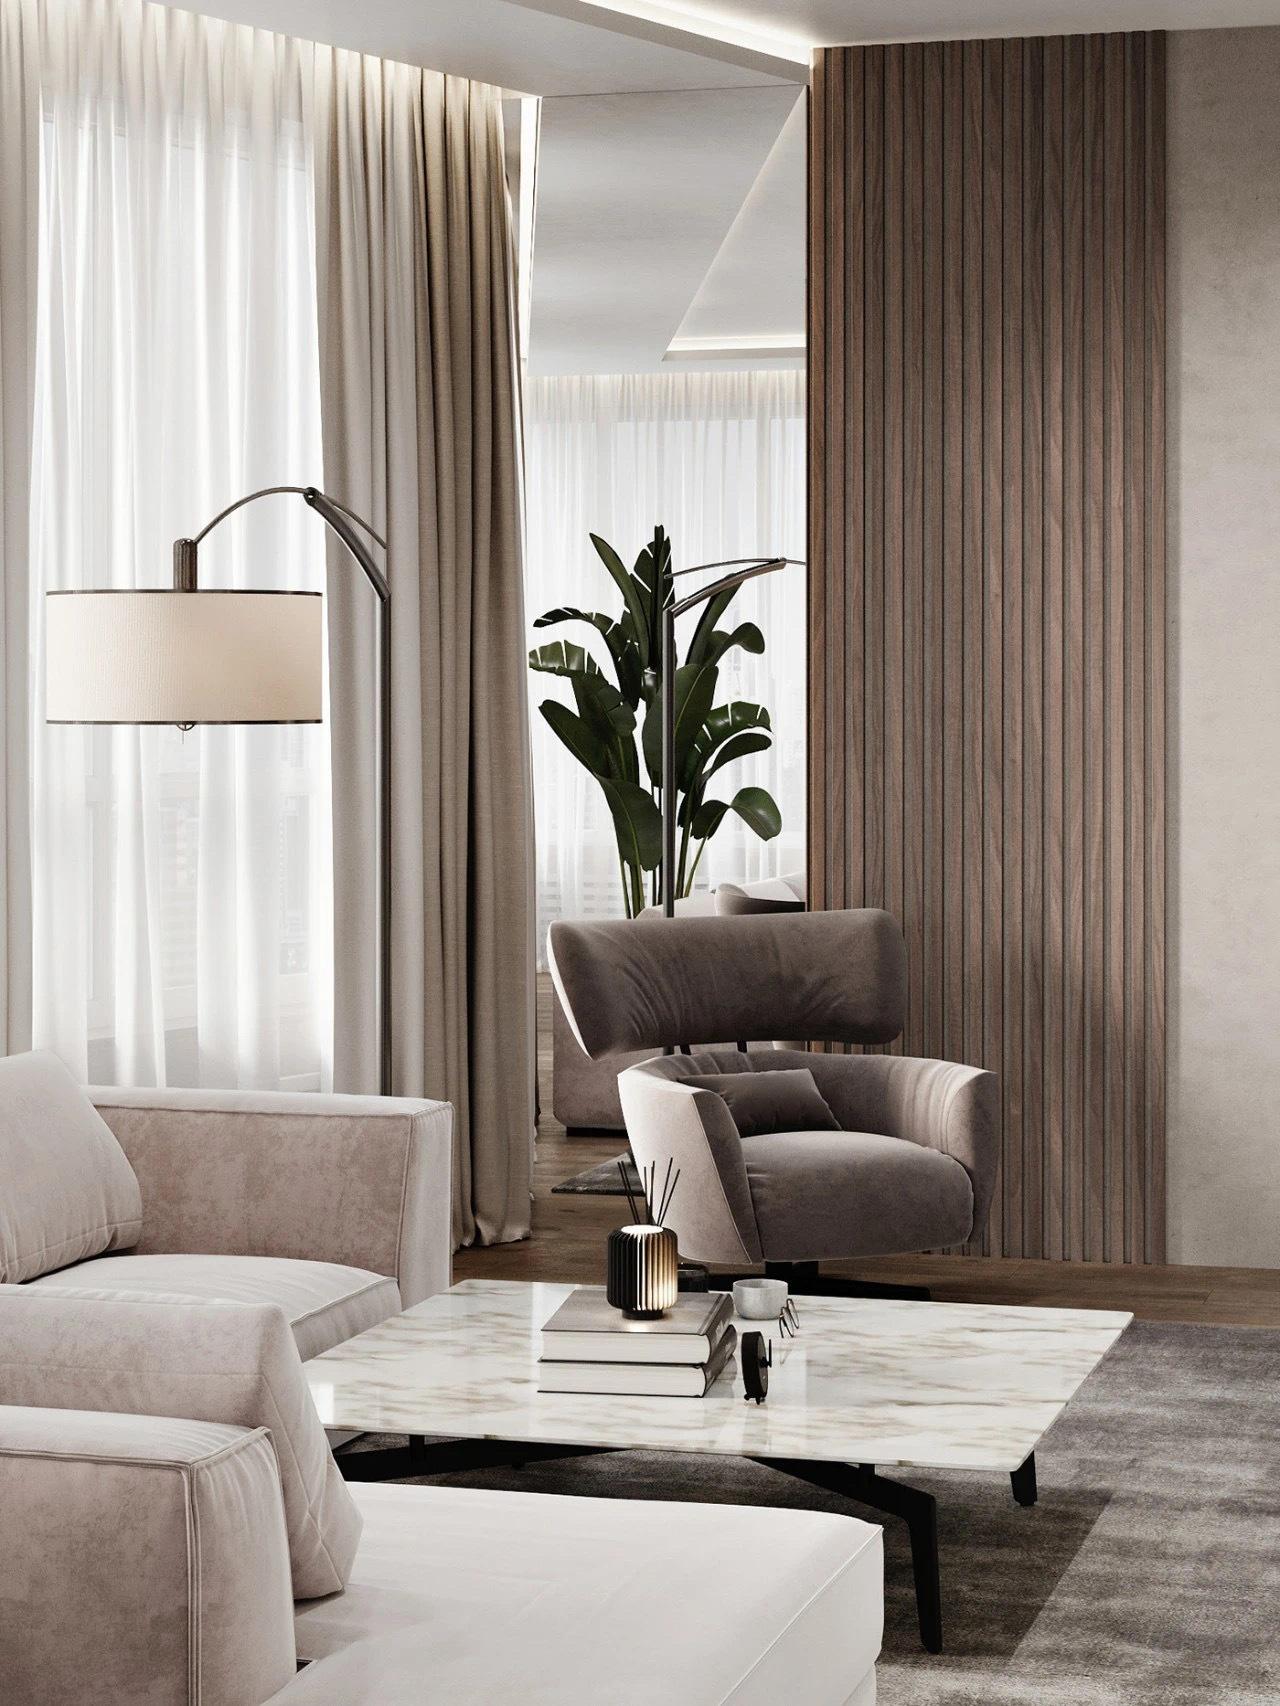 Ruslan Khizetl现代简约风公寓通过稳重端庄的色调与质感在简单大